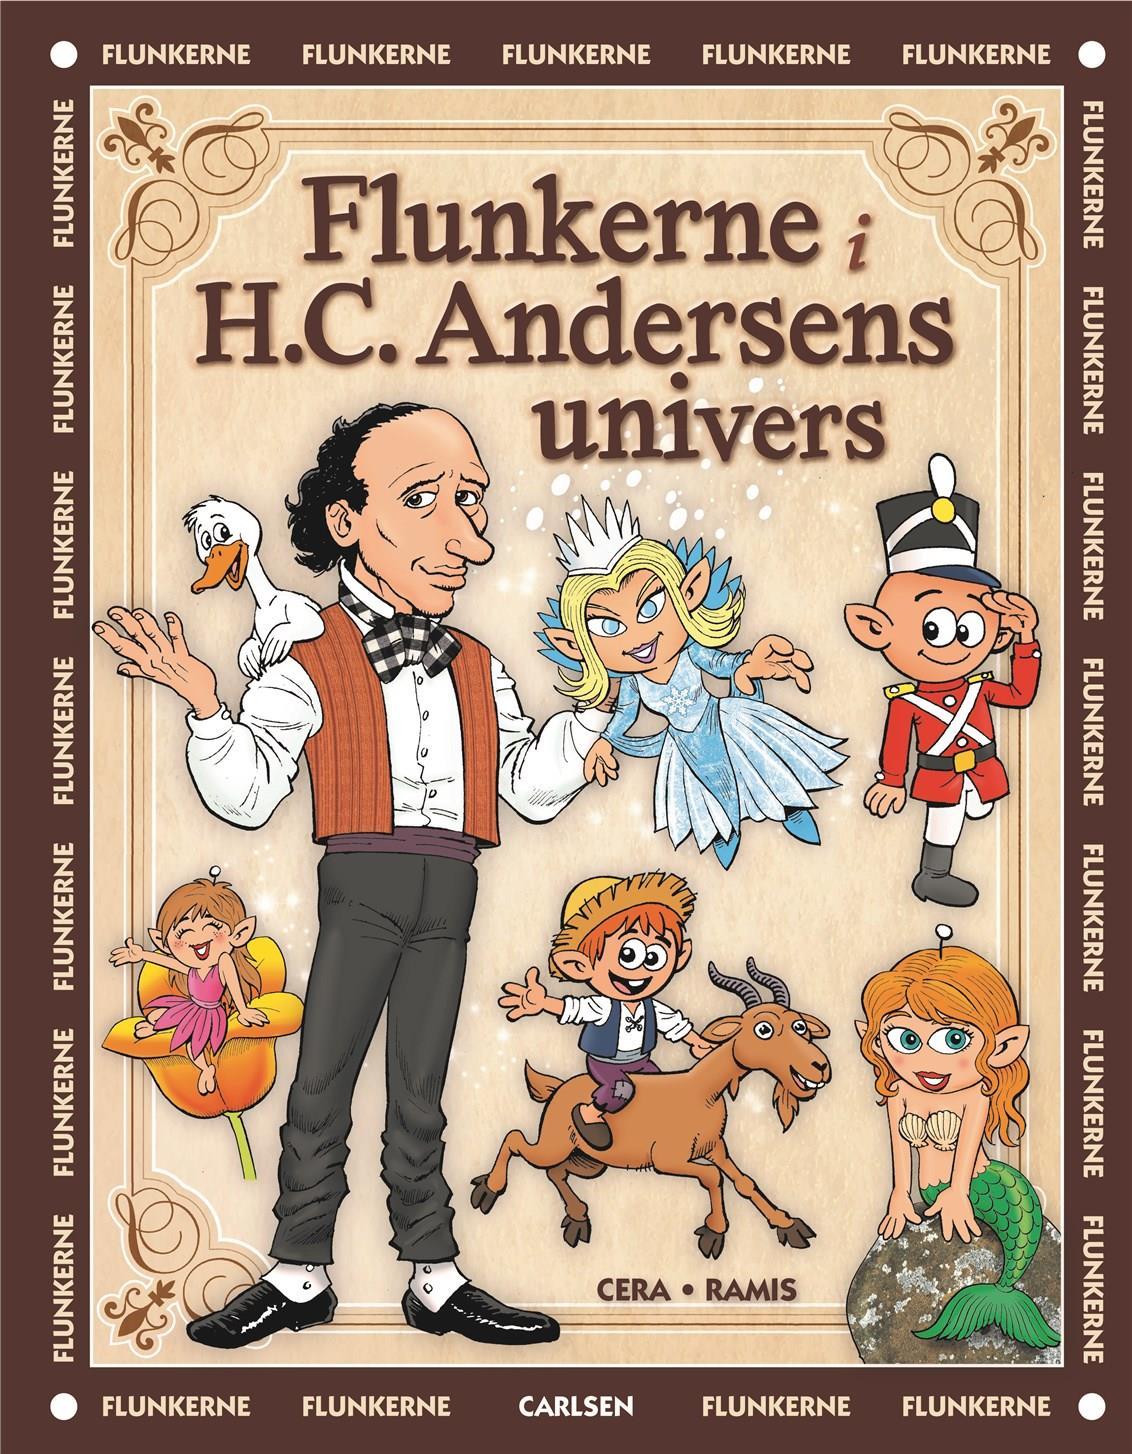 Flunkerne: Flunkerne i H.C. Andersens univers - Juan Carlos Ramis; Joaquin Cera - Bøger - CARLSEN - 9788711907979 - 10/10-2019